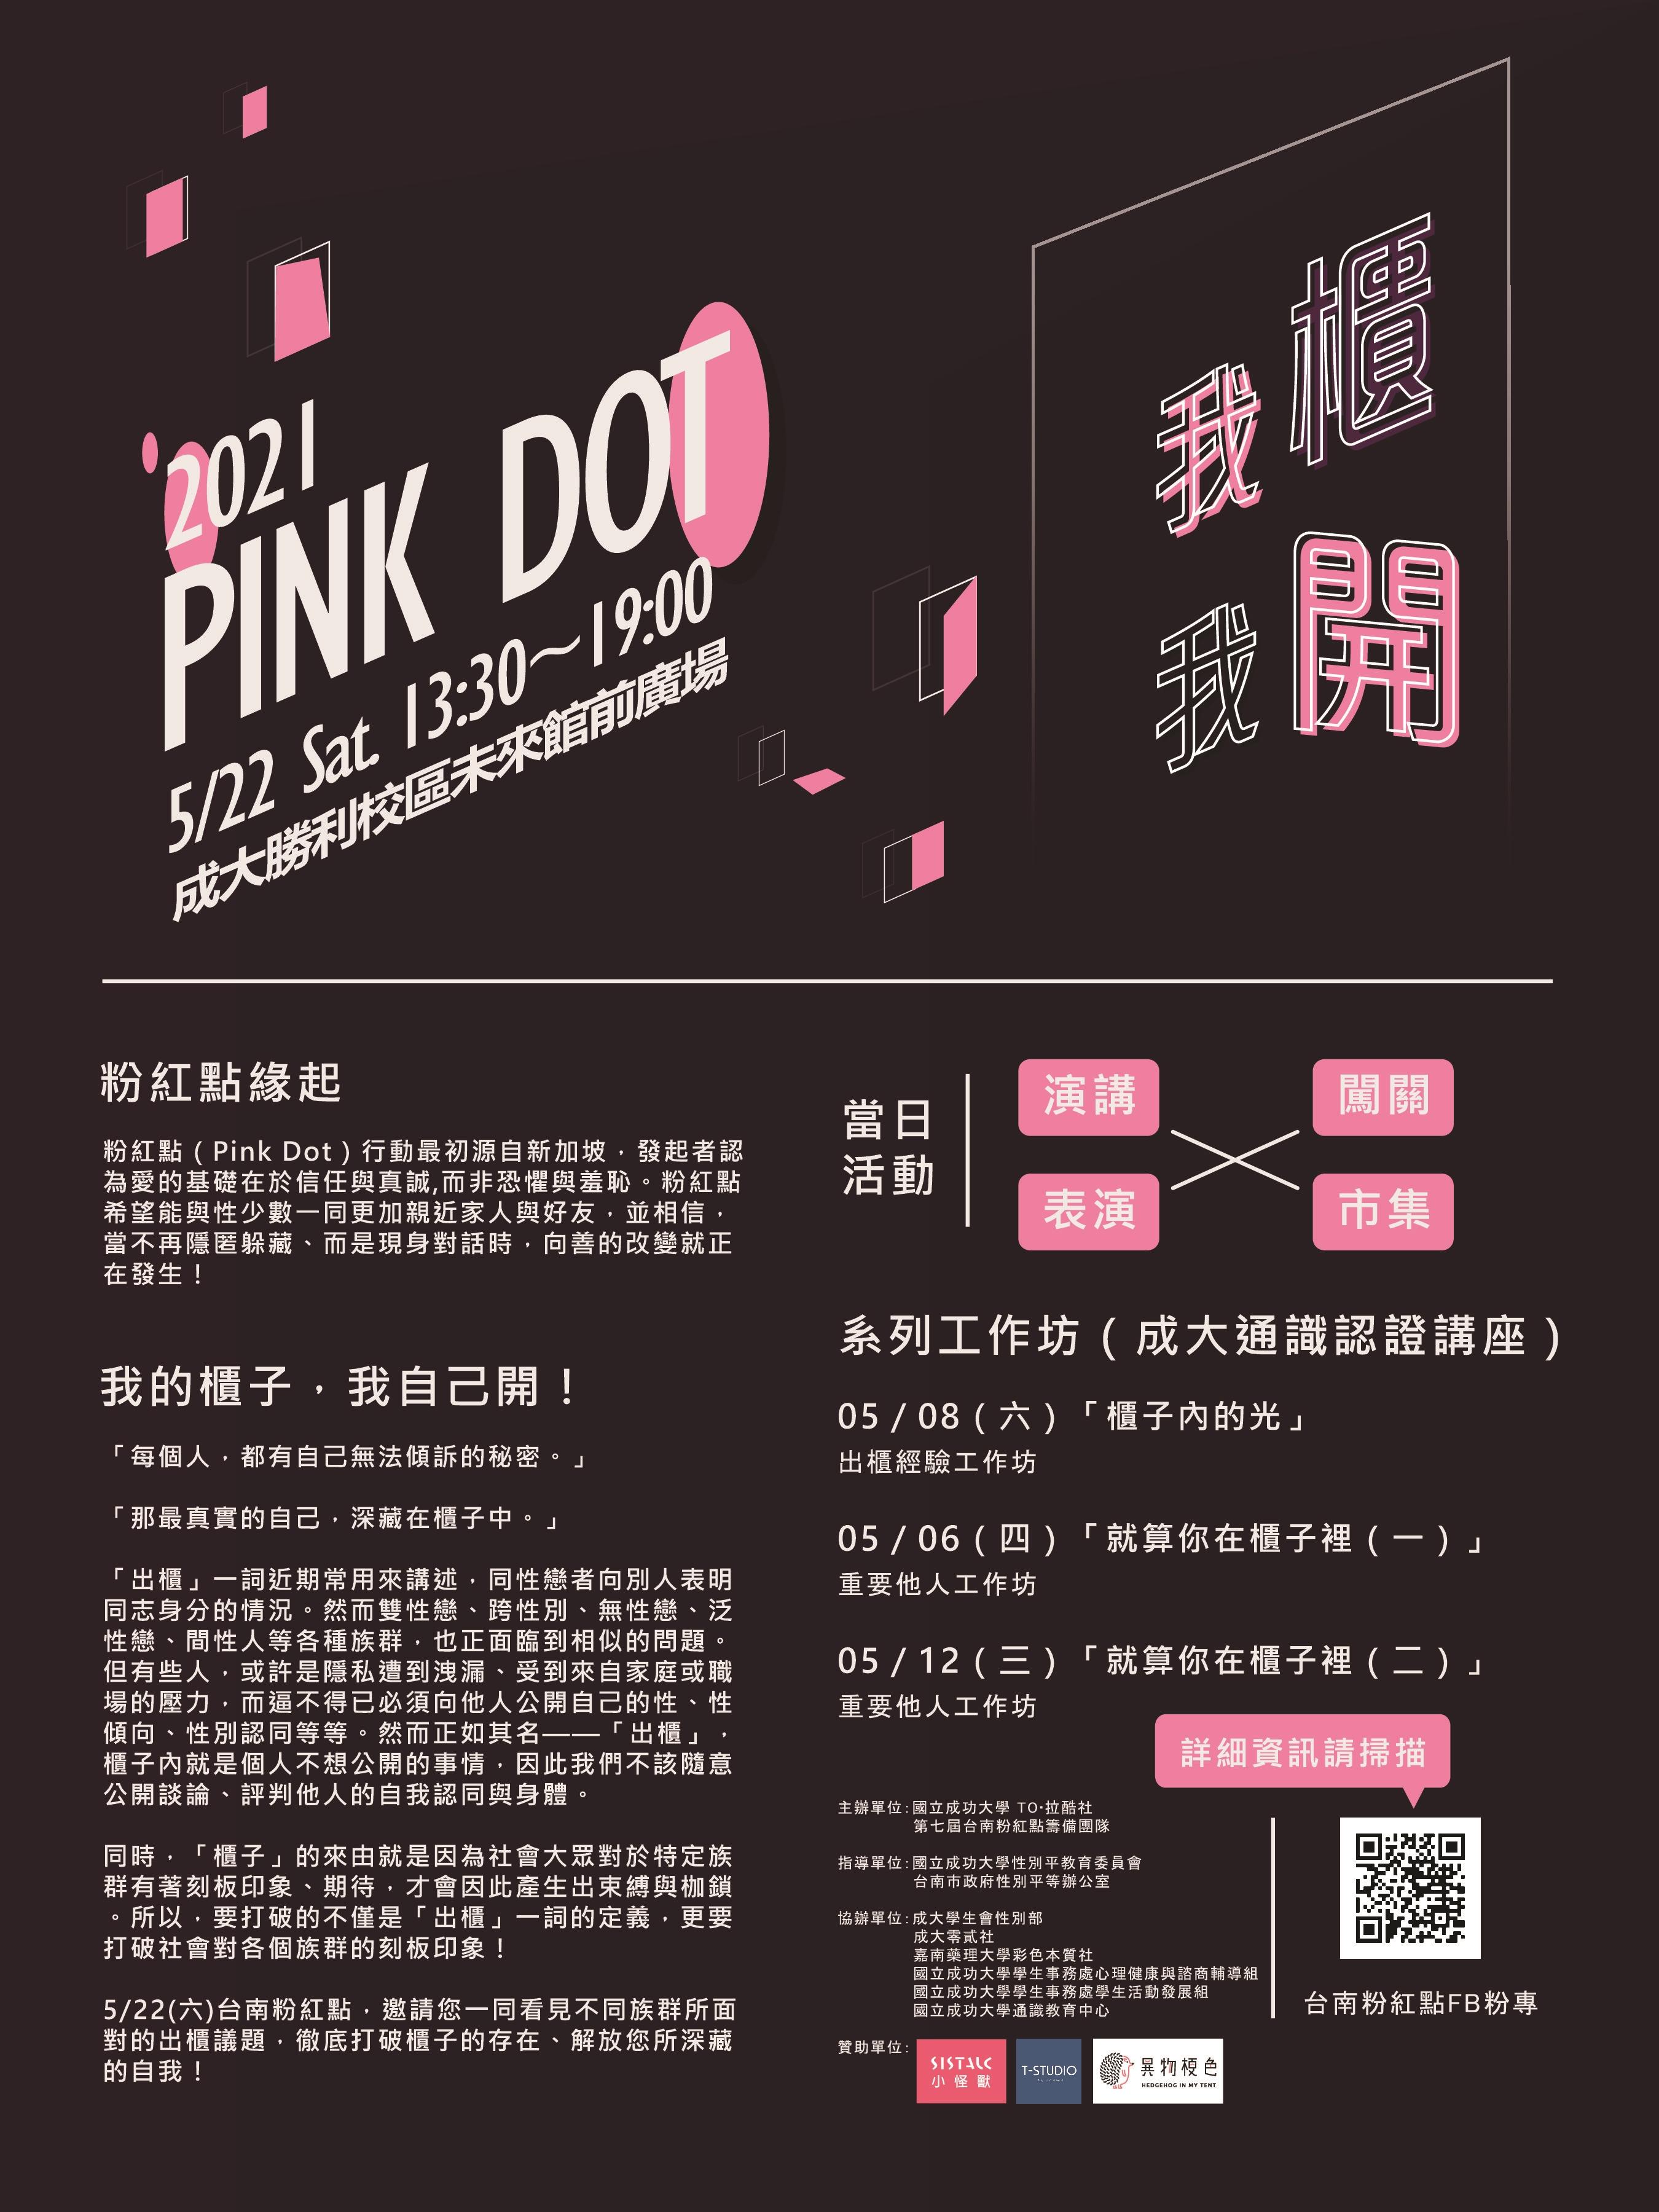 2021台南粉紅點